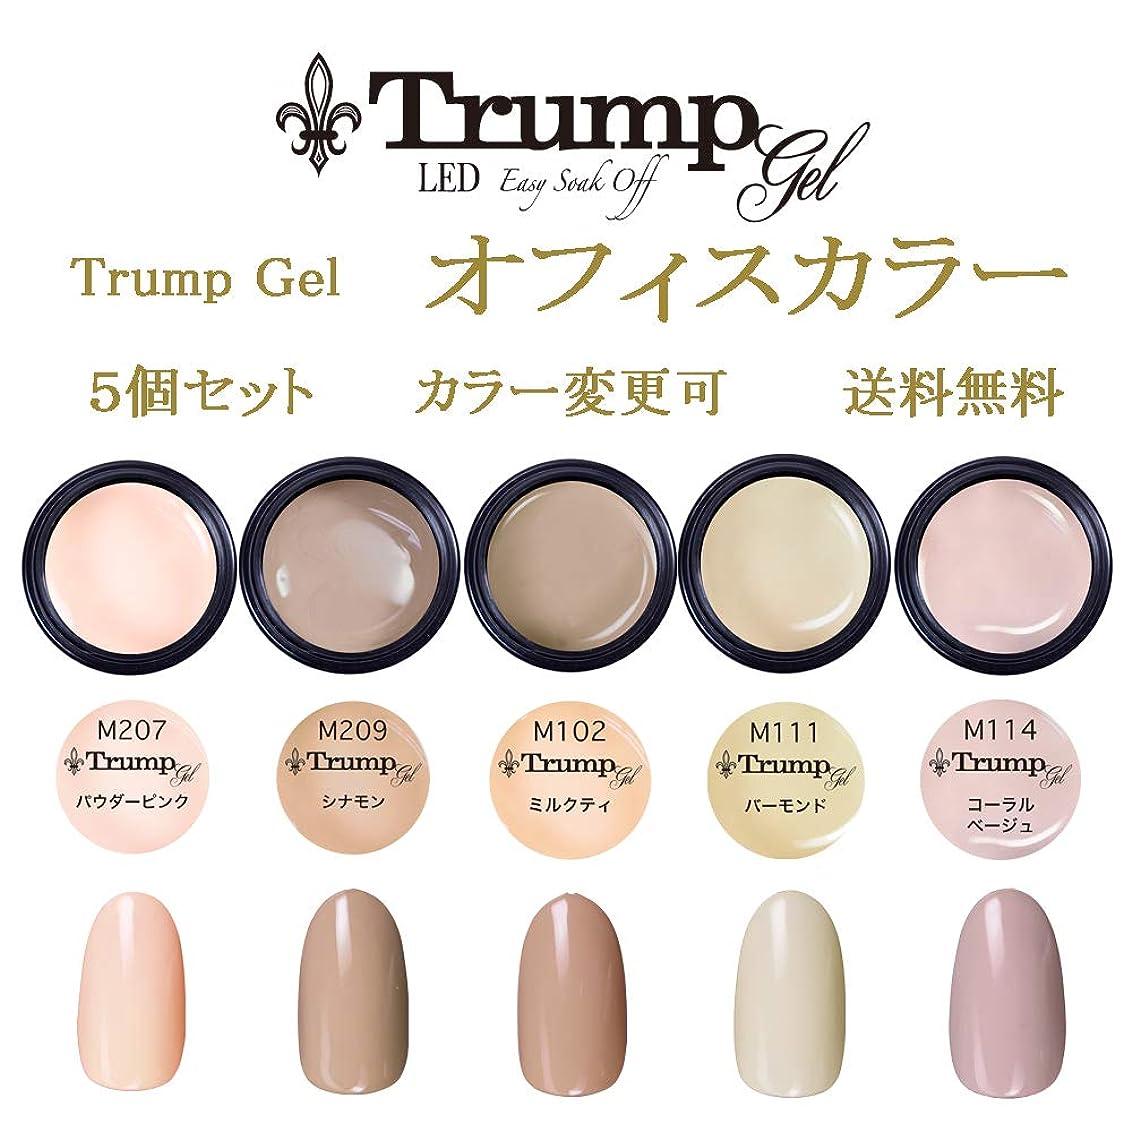 シリングガラガラ通信する日本製 Trump gel トランプジェル オフィスカラー 選べる カラージェル 5個セット ベージュ ブラウン ピンク ホワイト ビジネス カジュアル オフィス